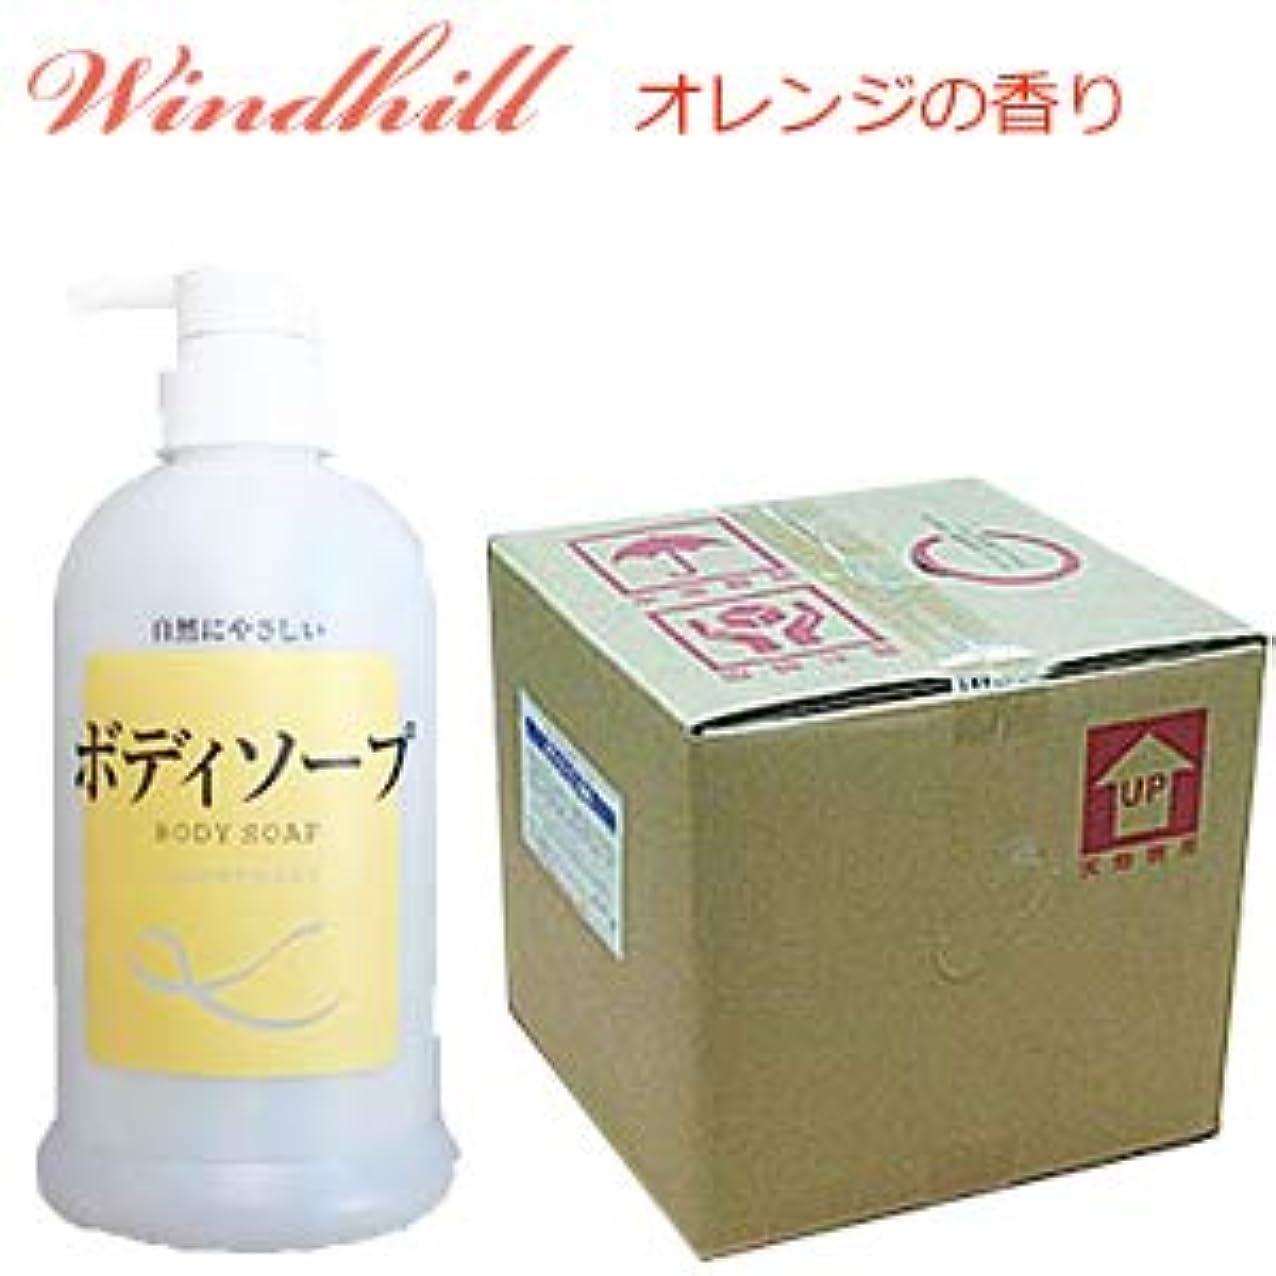 テスピアン入札ヘビWindhill 植物性 業務用ボディソープオレンジの香り 20L(1セット20L入)